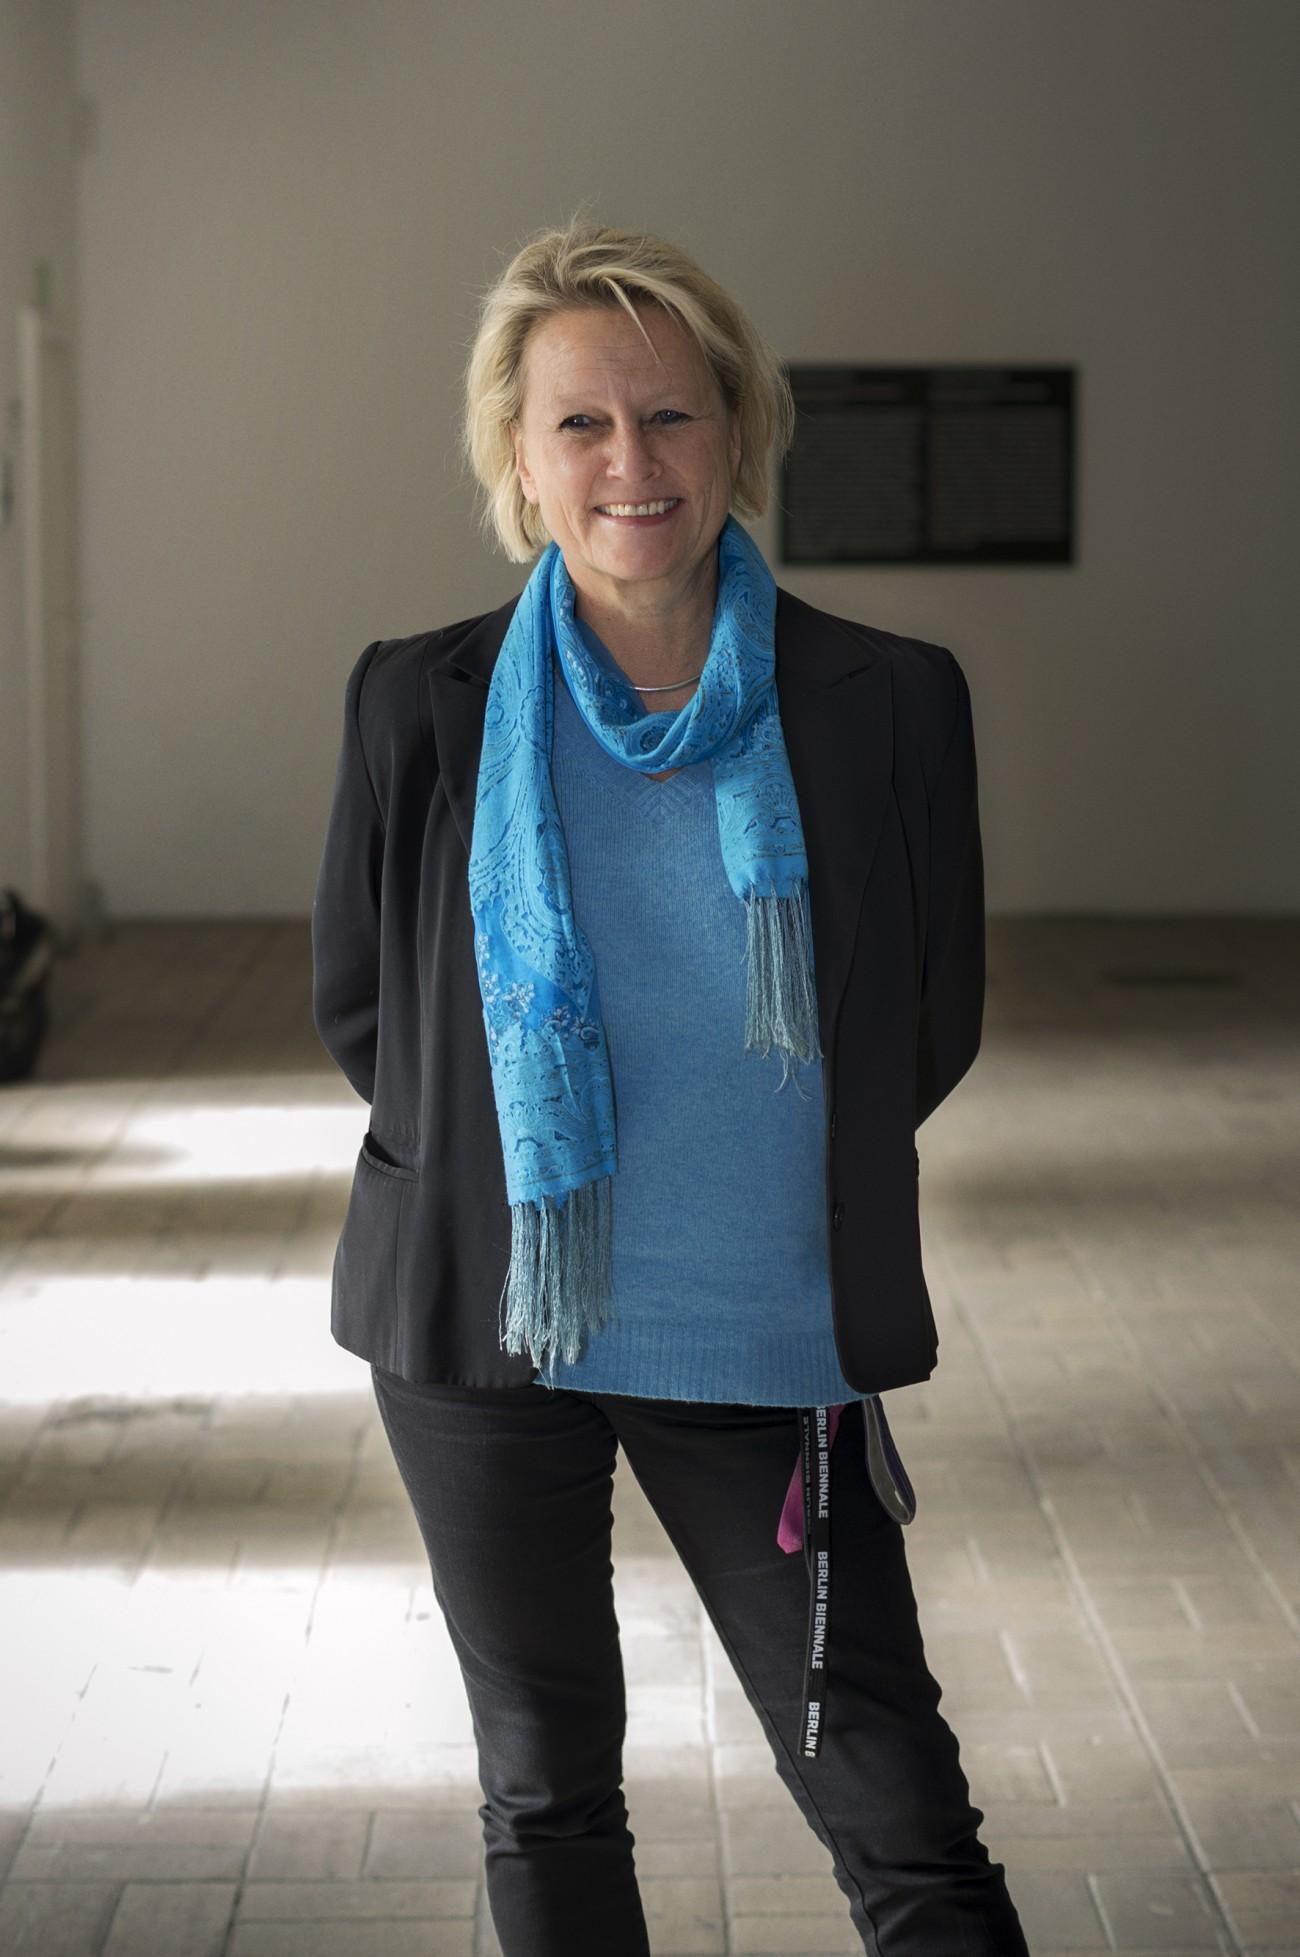 Den Staatsdienst quittierte sie für die freie Kunst: Gabriele Horn, hier mit Biennale-Bändel am Bund. Foto: Karin Müller